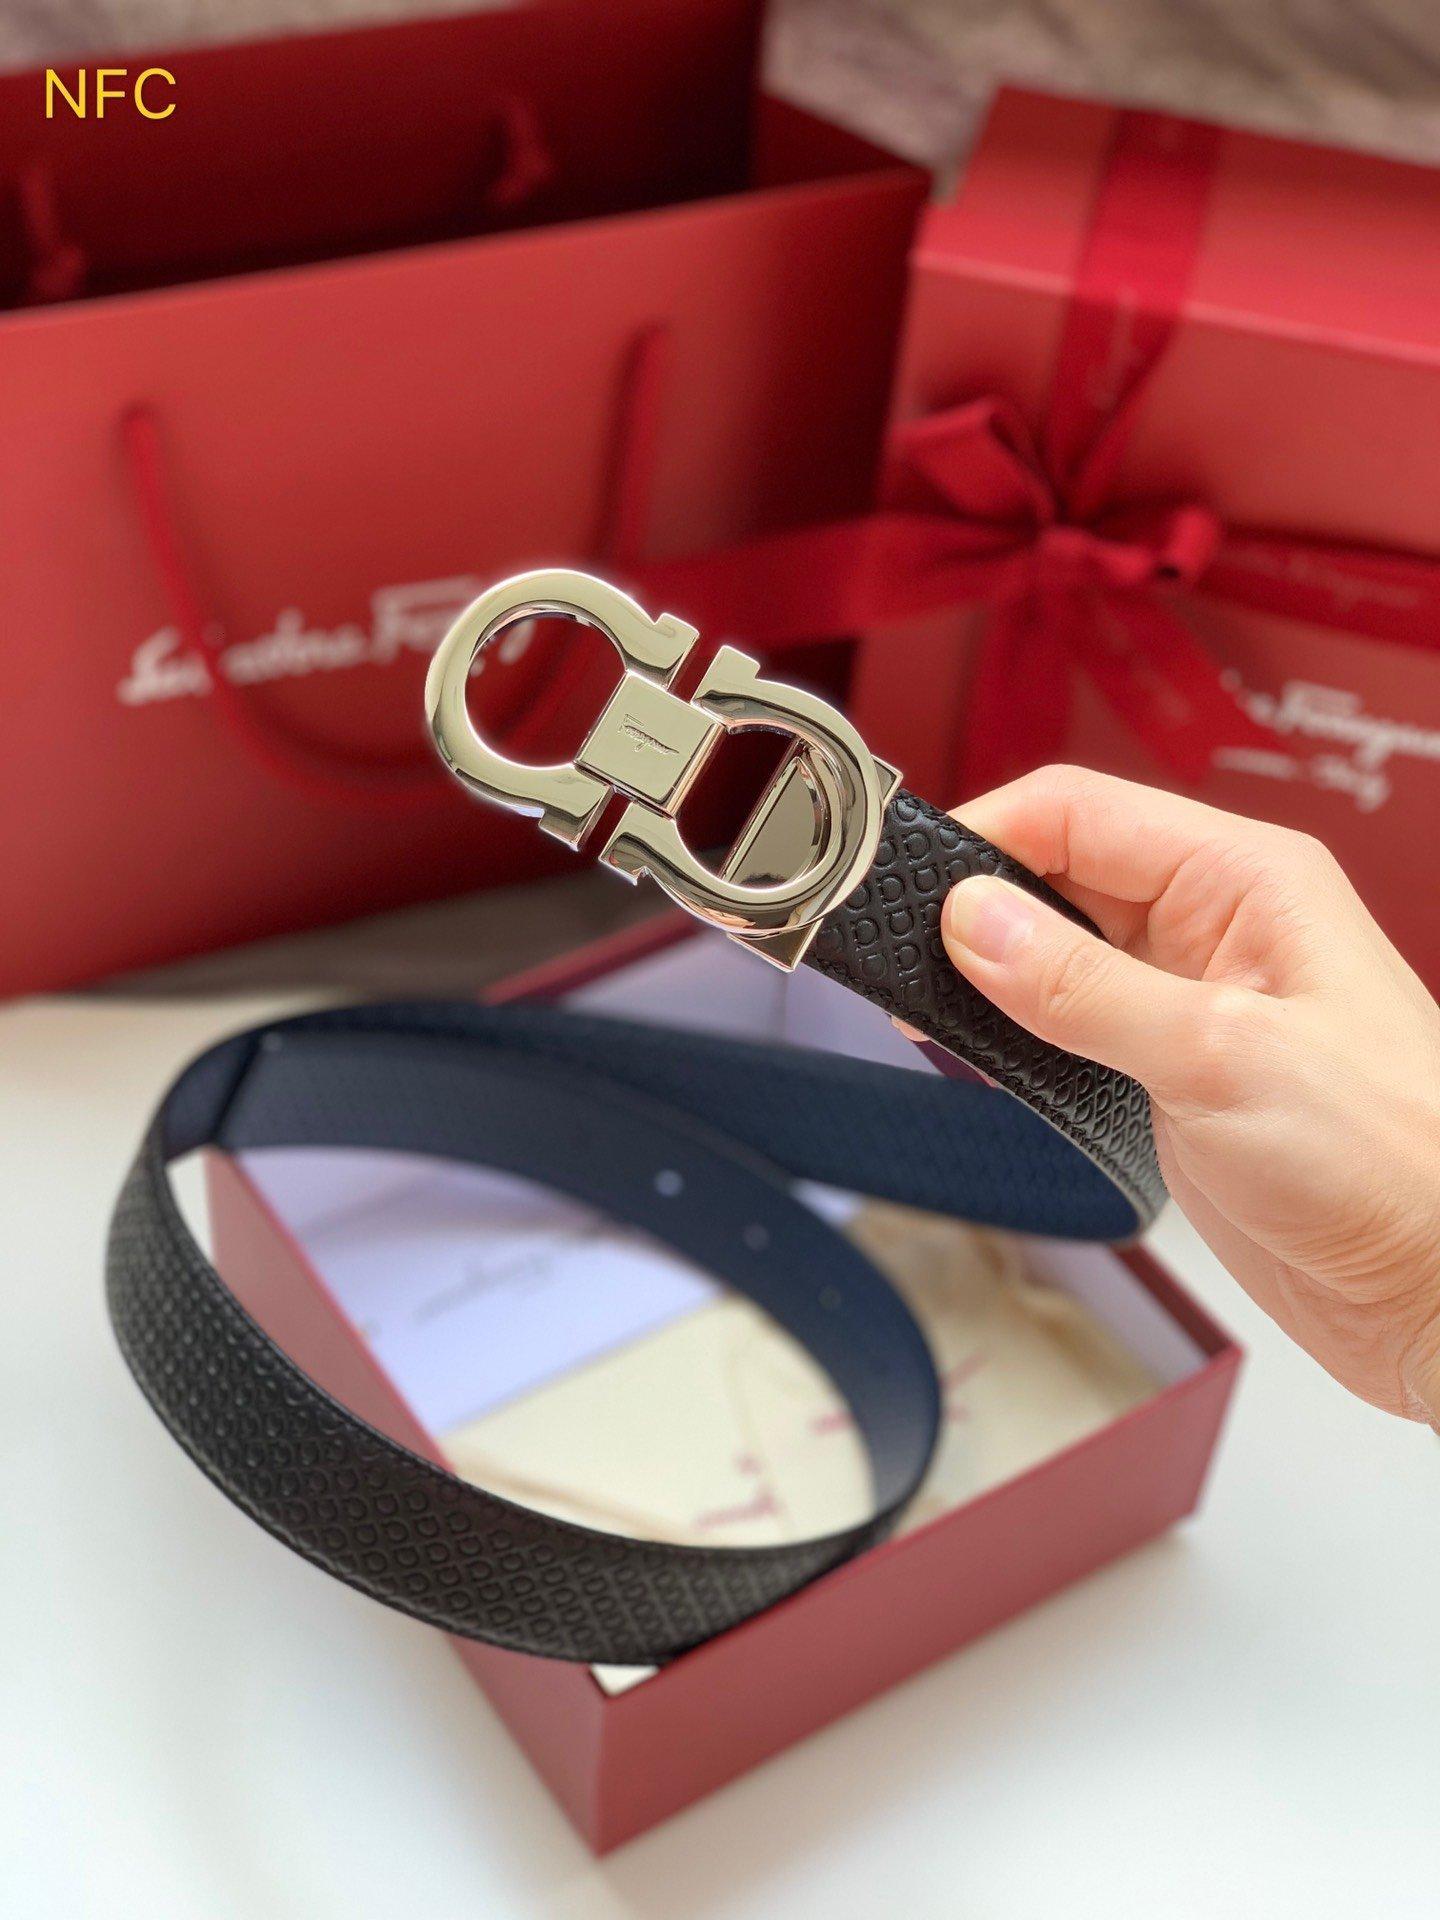 Moda Frete grátis Melhores nova correia moderno lindo atacado estilo para mulheres cintos cinto 218D fivelas de moda